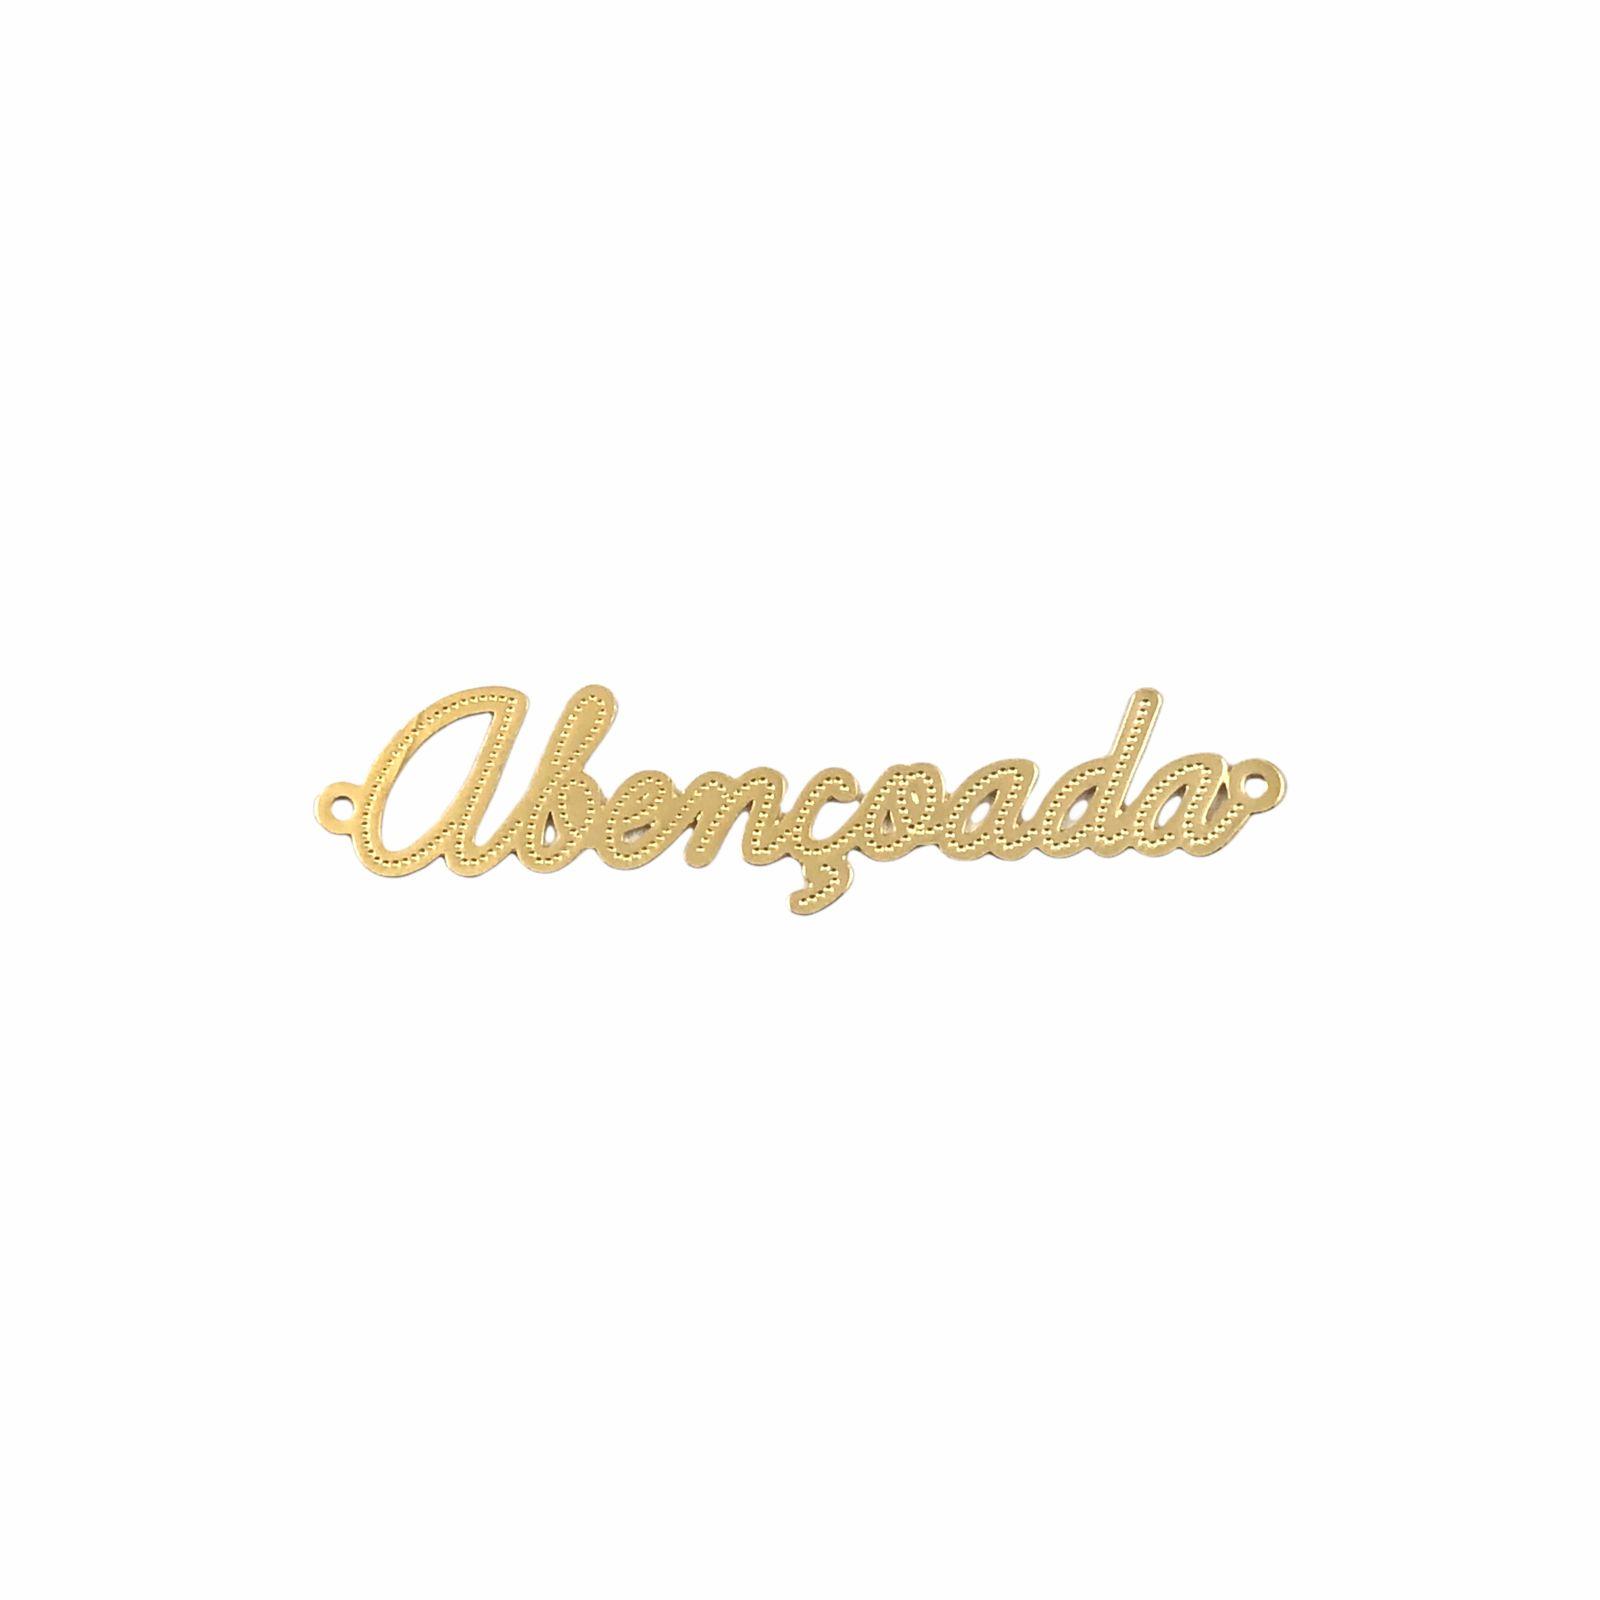 ETM573 - Entremeio Abençoada Banhado Cor Dourado - 1Unid